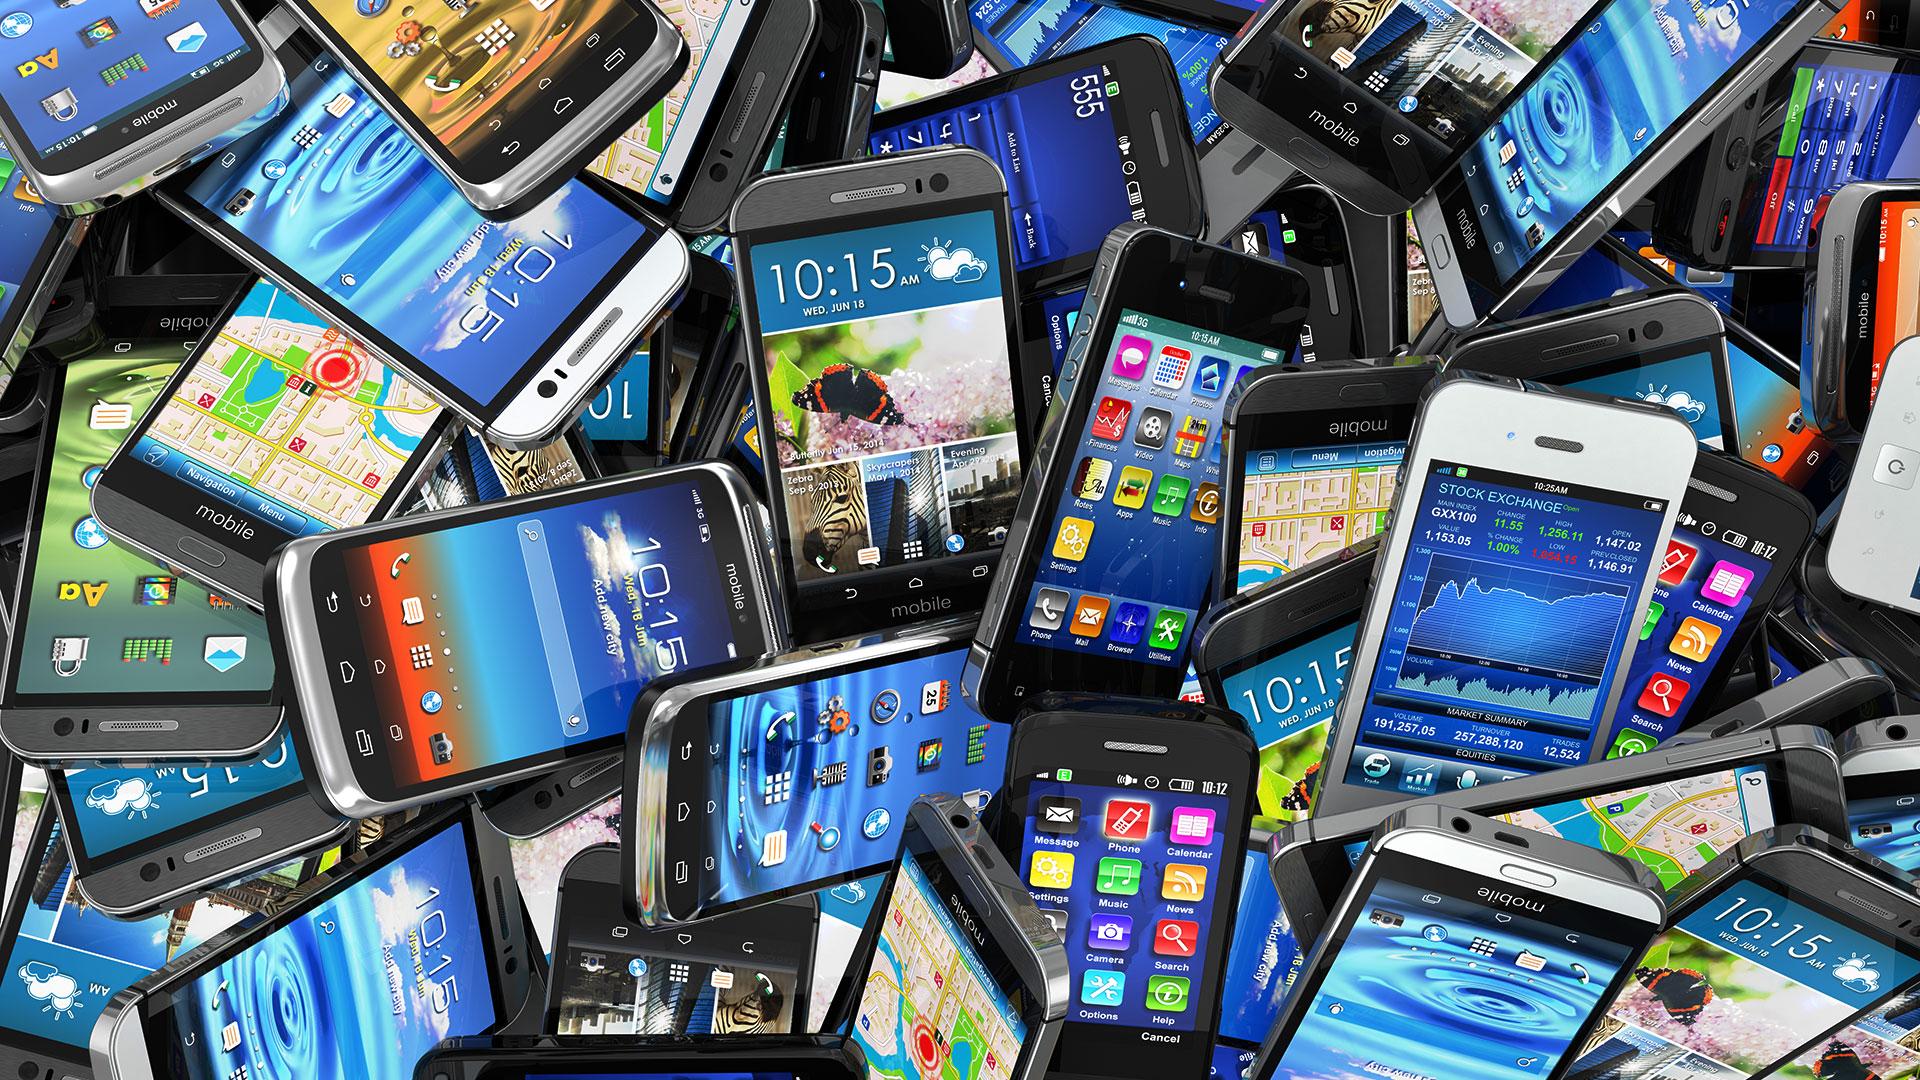 نقص أعداد الهواتف الذكية يؤثر بالسلب على المبيعات في الربع الرابع